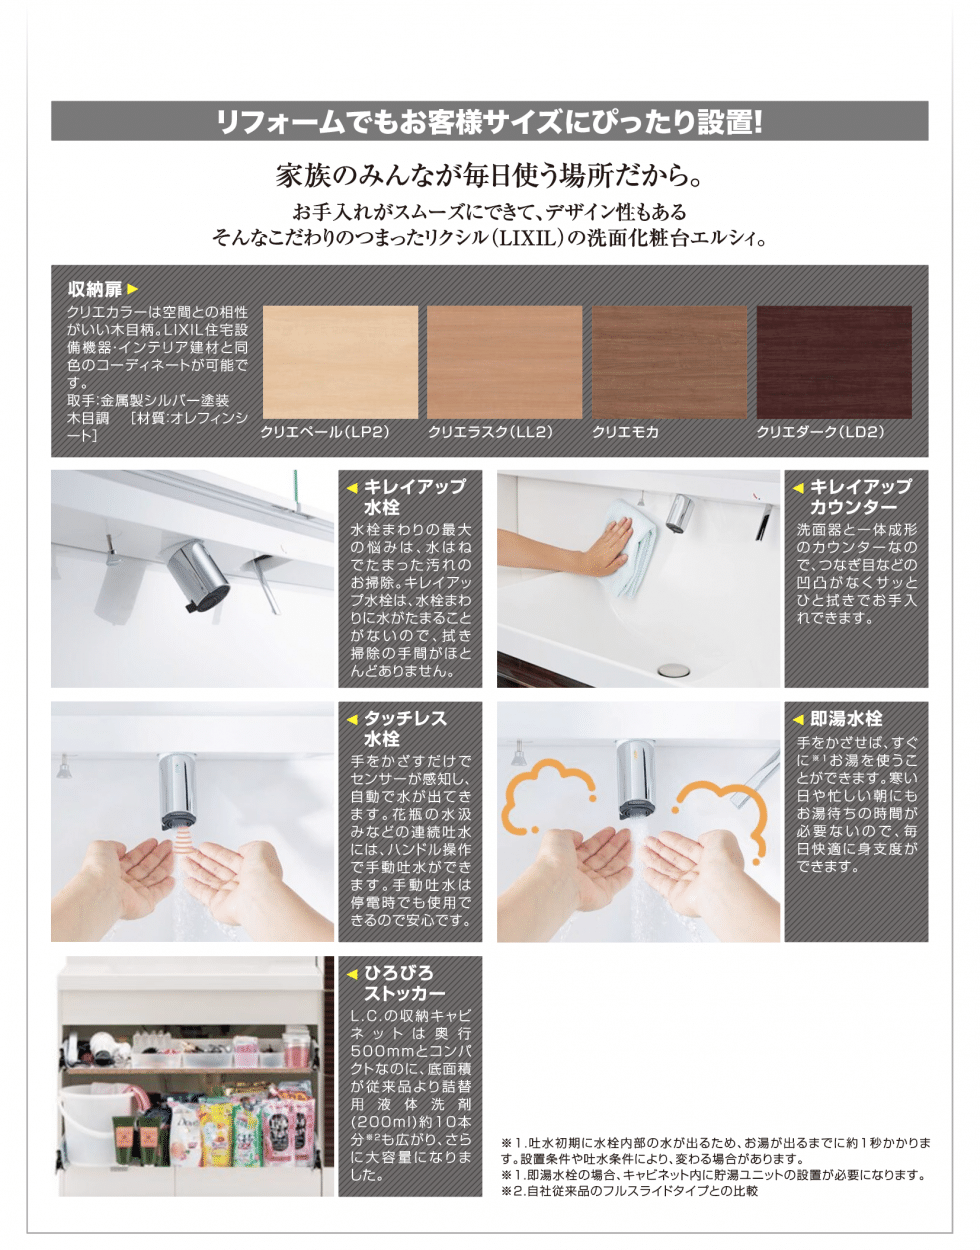 LIXILの洗面化粧台エルシィLCの便利機能